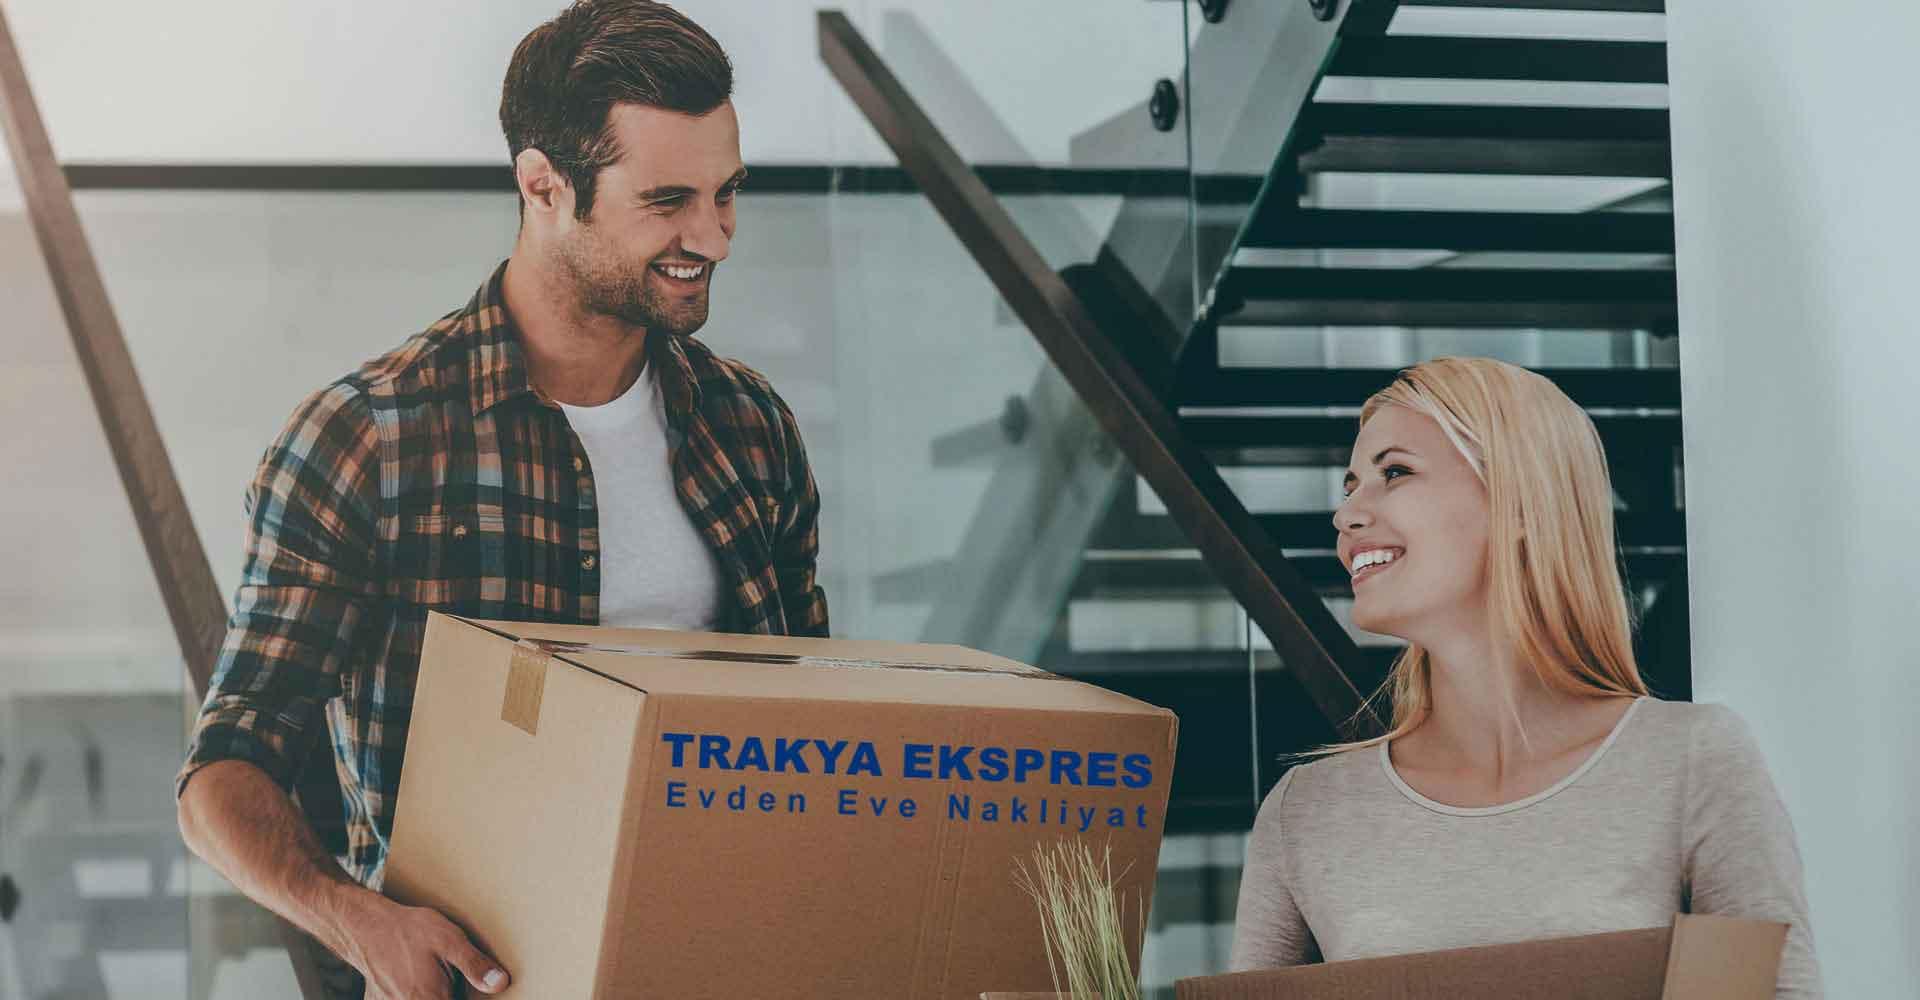 trakya-ekspres-anasayfa-1